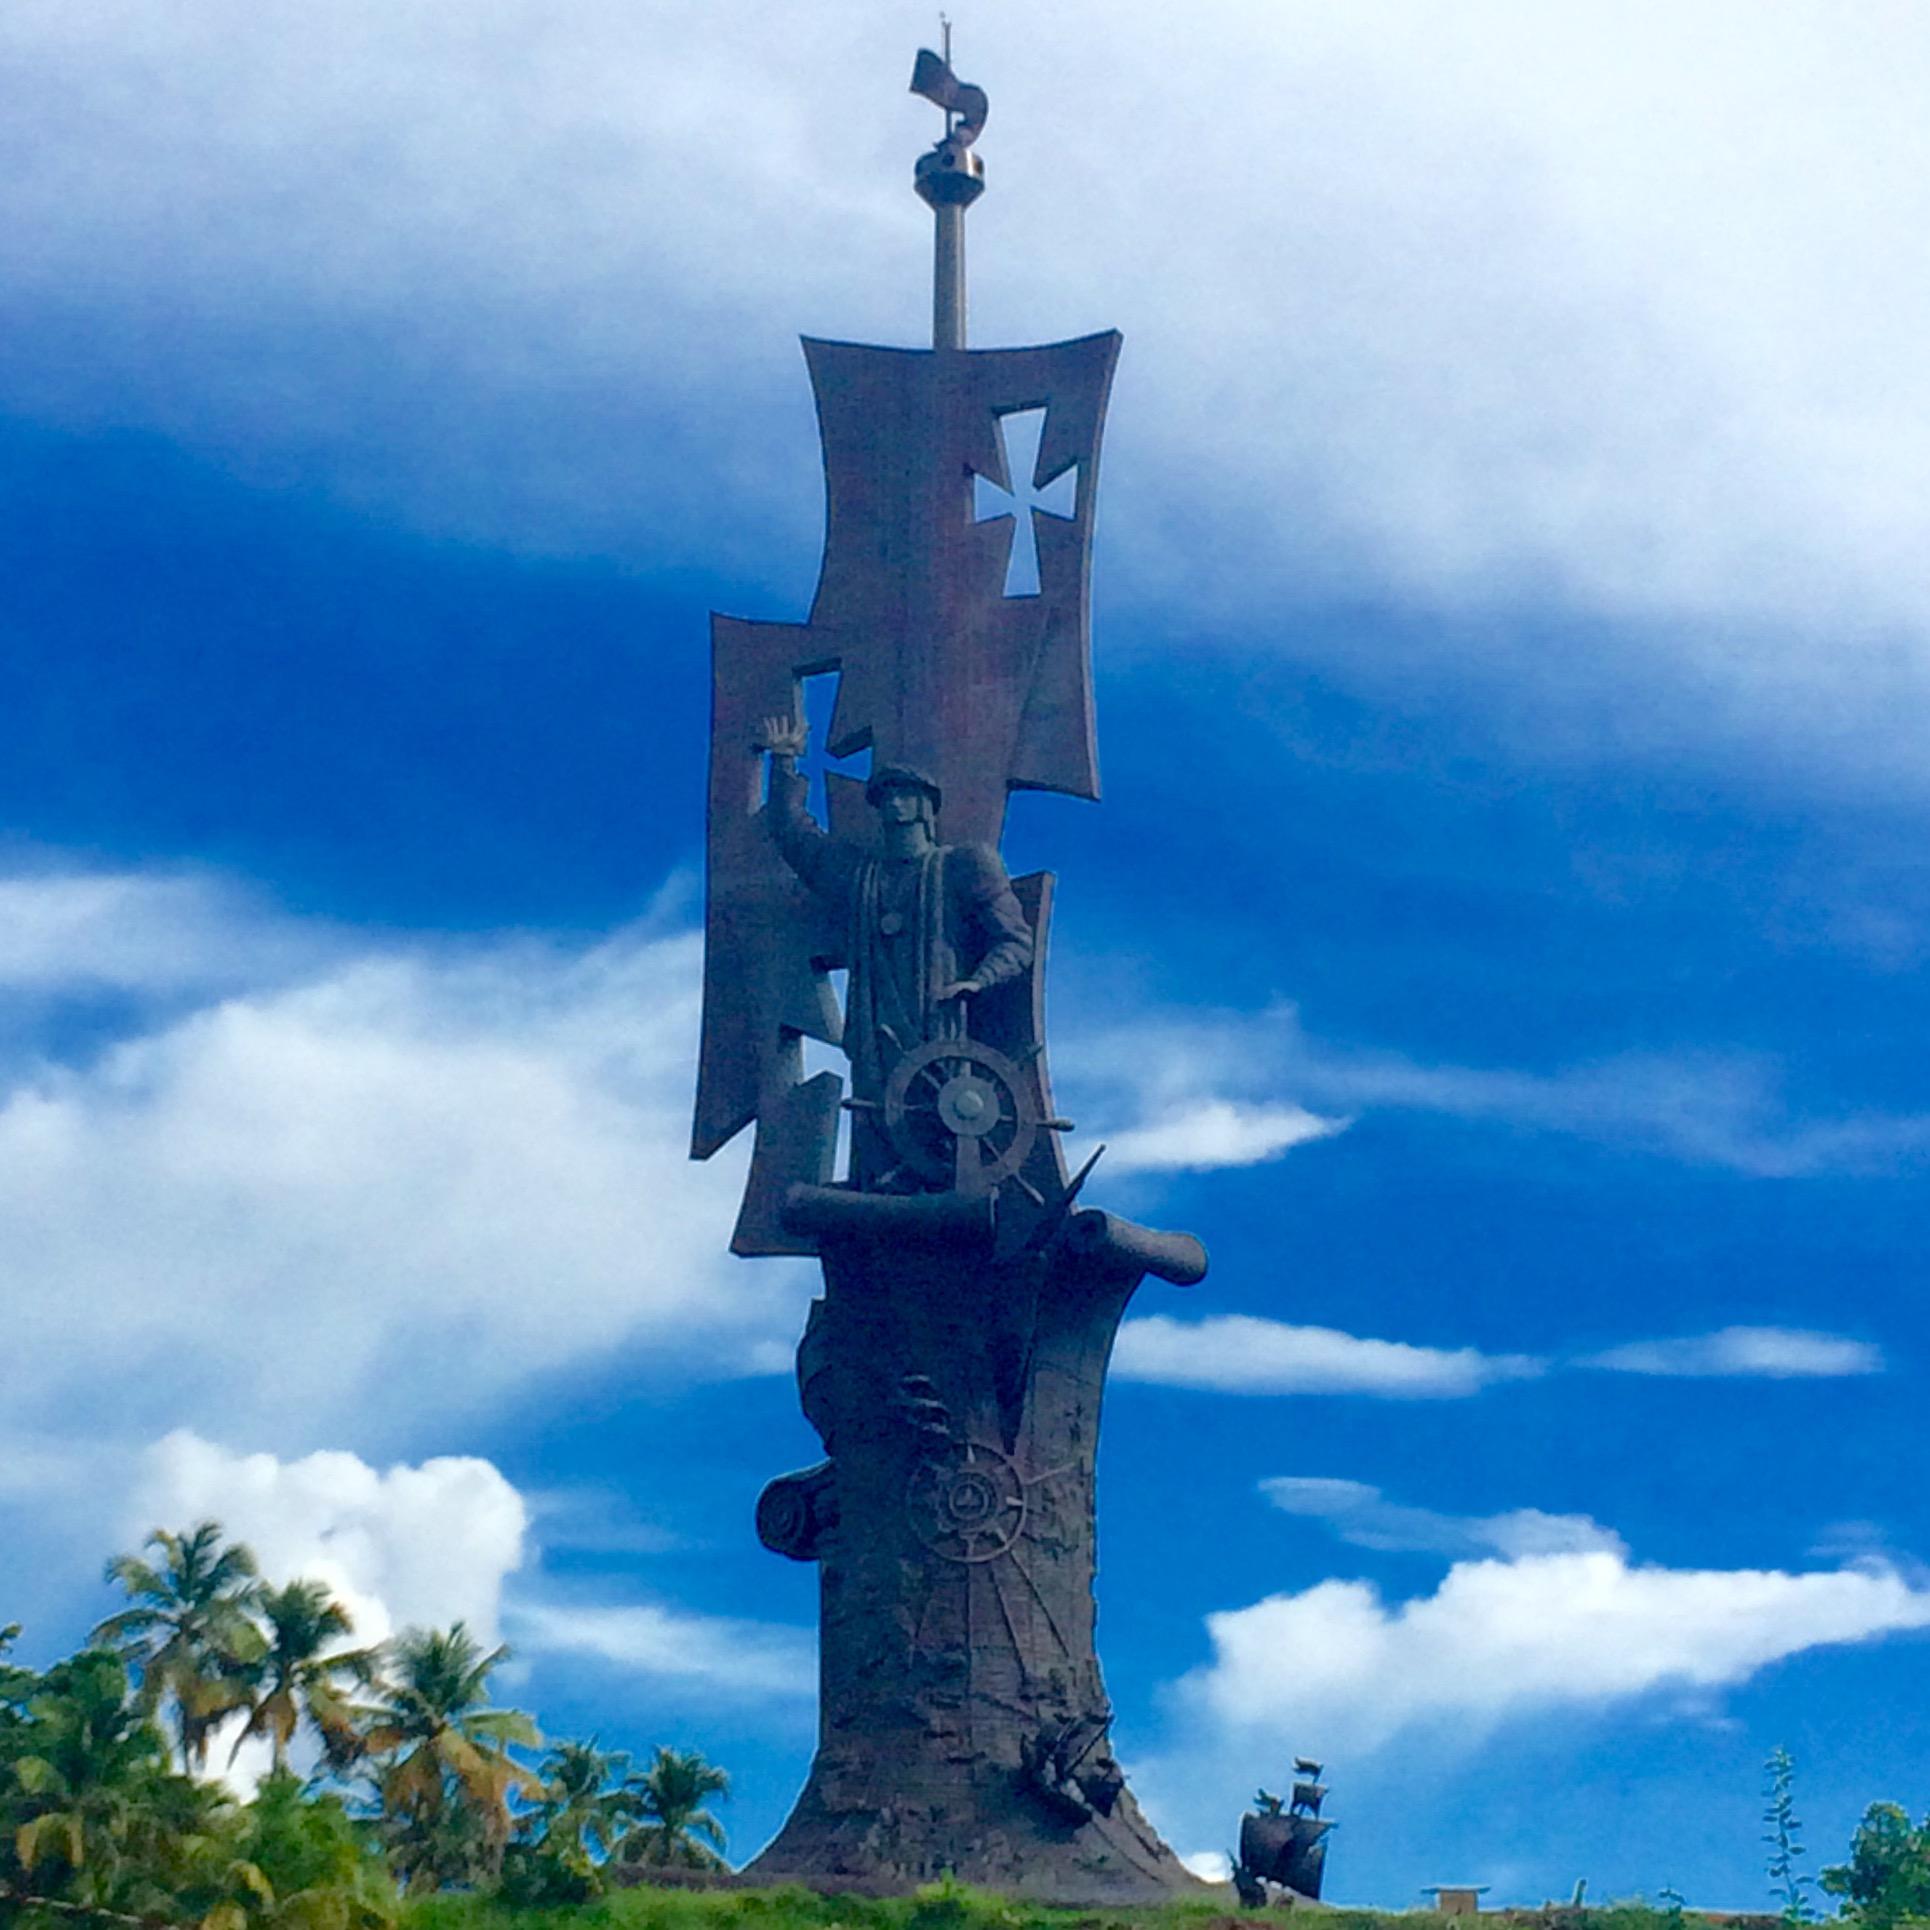 Nascita del Nuovo Mondo (110 metri), Aceribo (Puerto Rico)